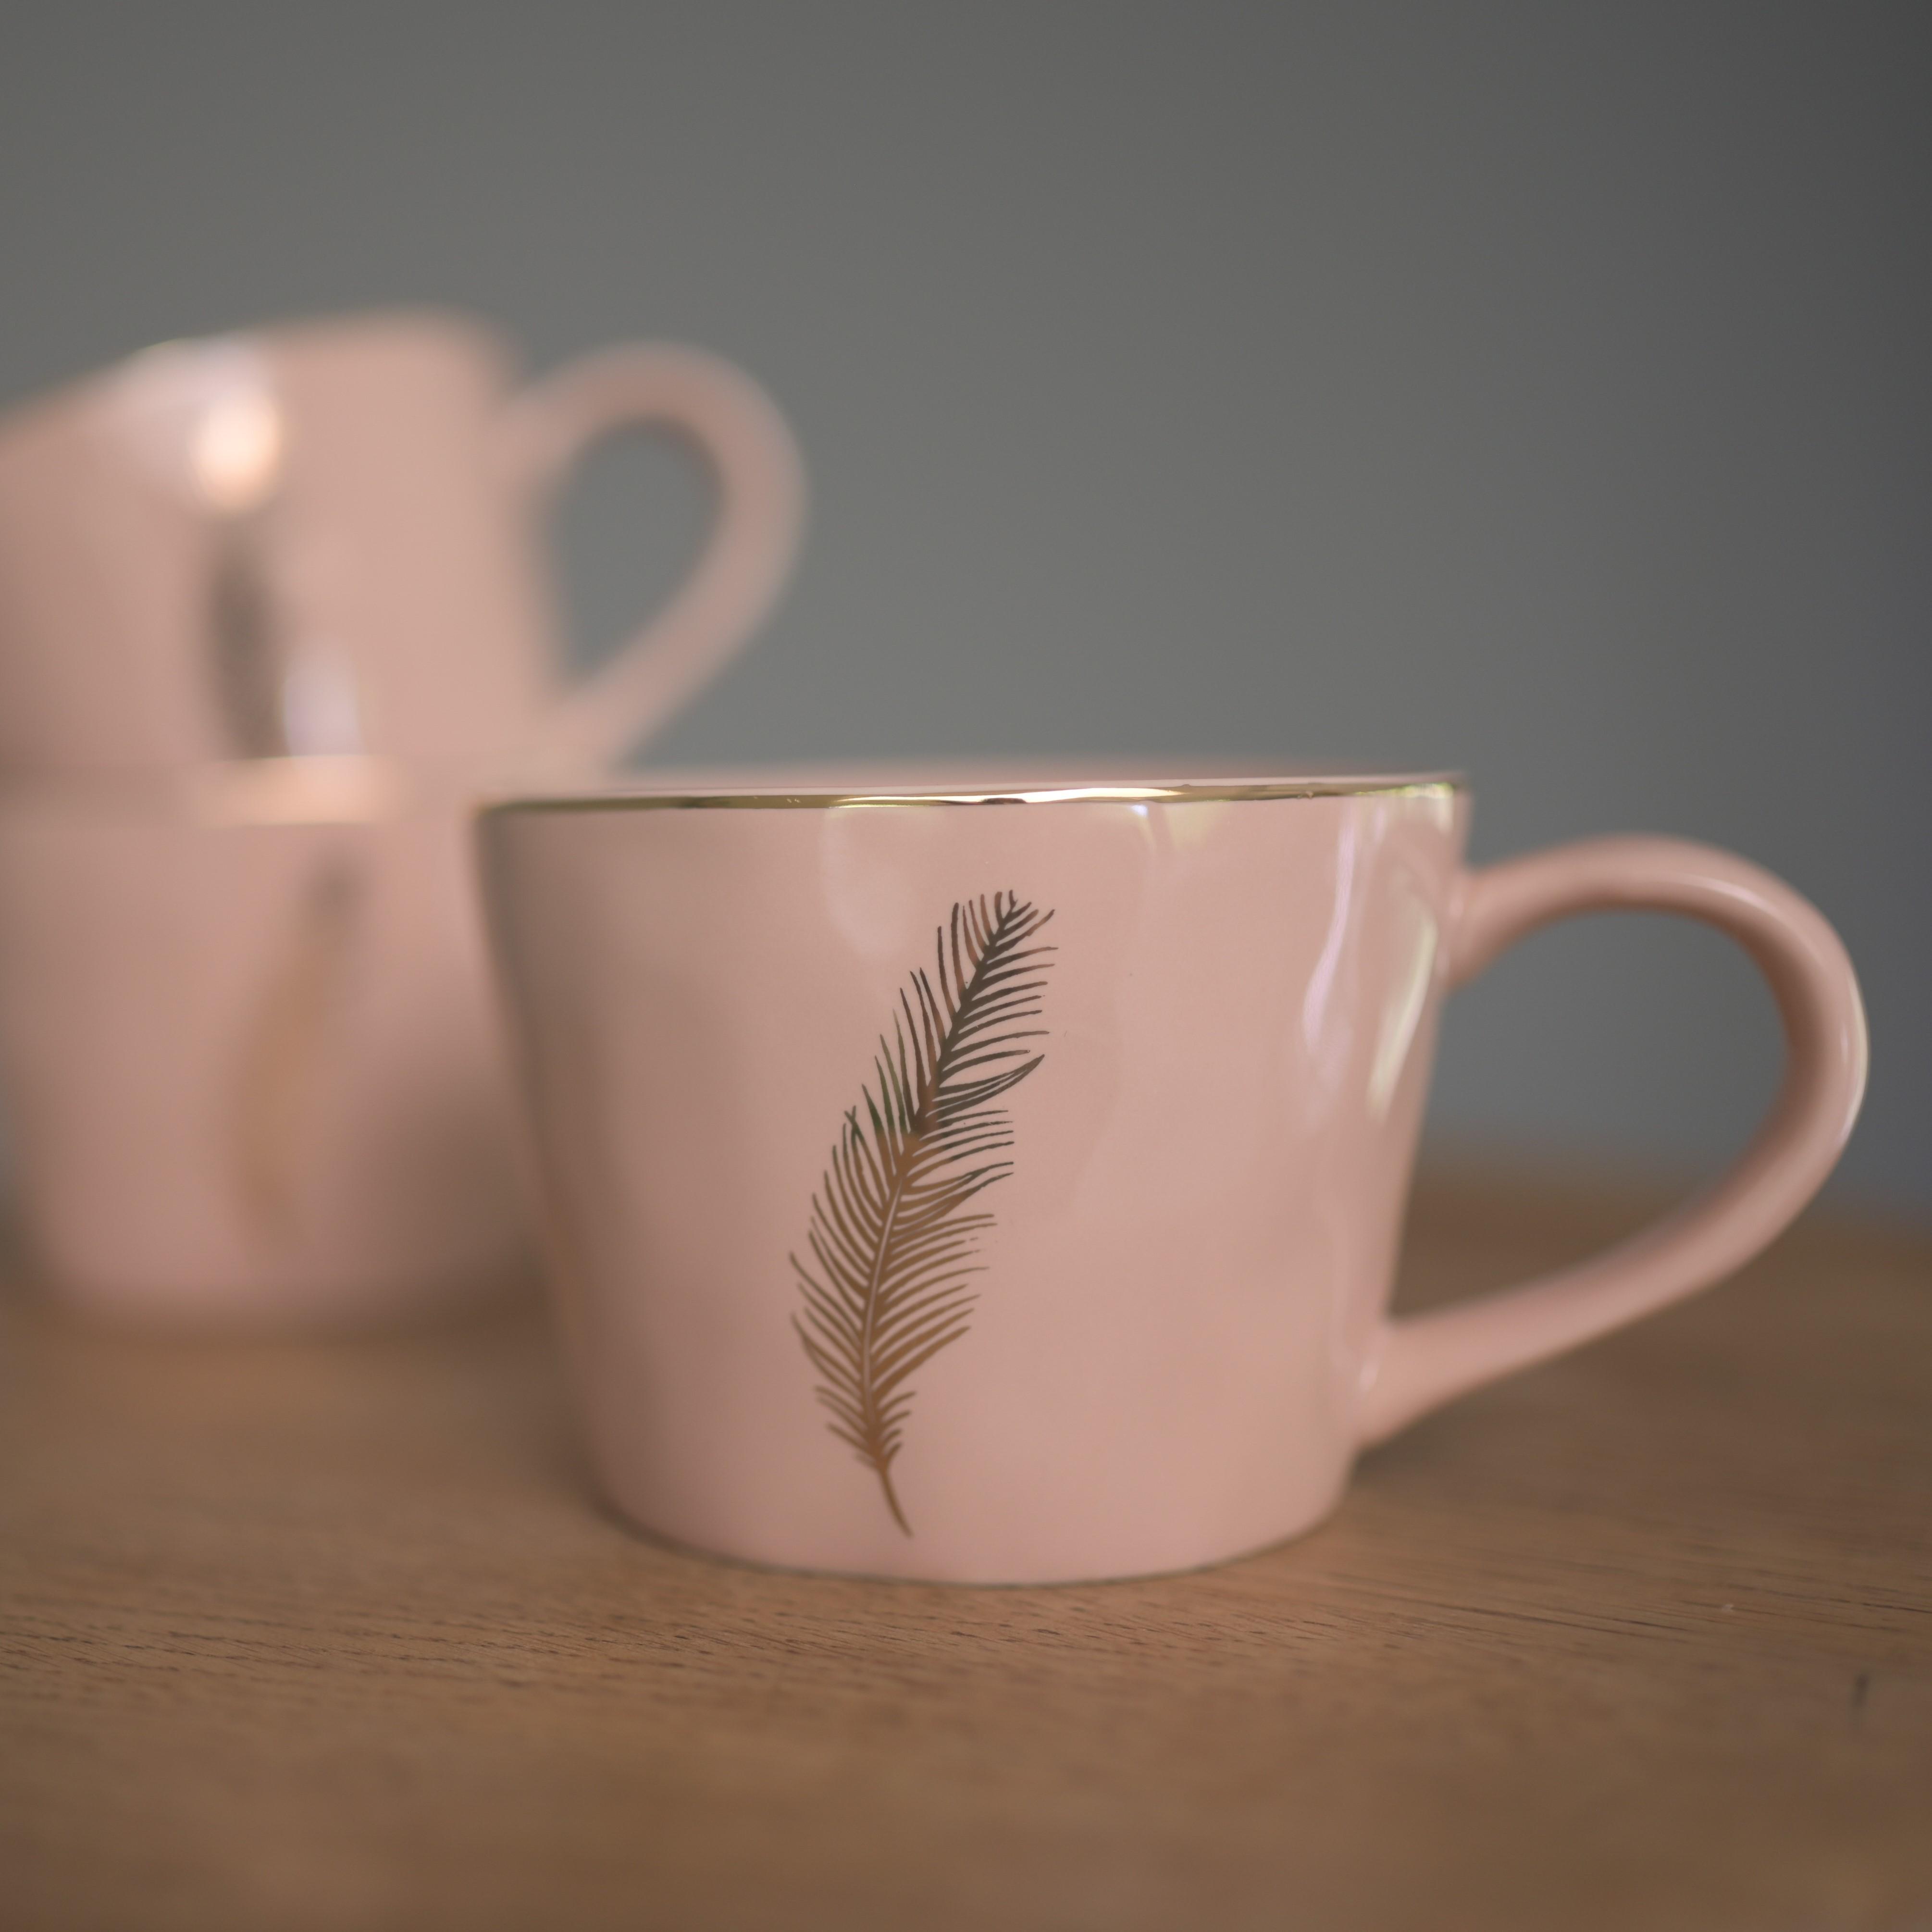 Gold Feather Artisan Ceramic Mug, Pale Pink